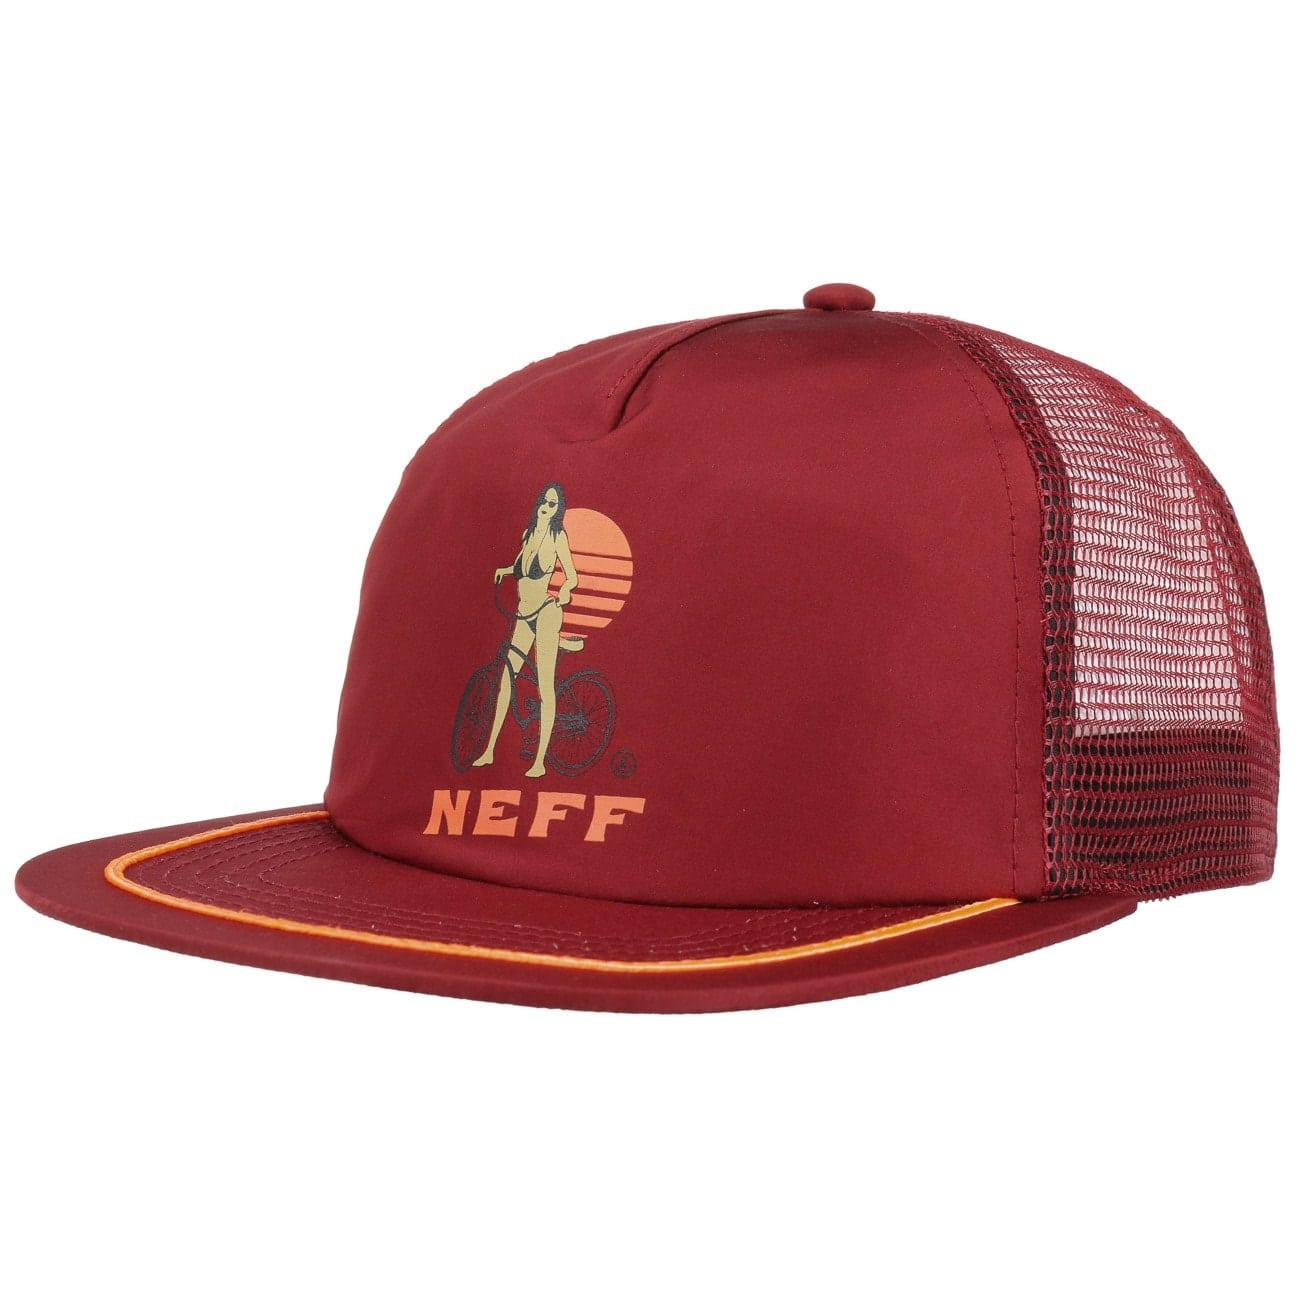 Destination Trucker Cap by Neff  baseball cap